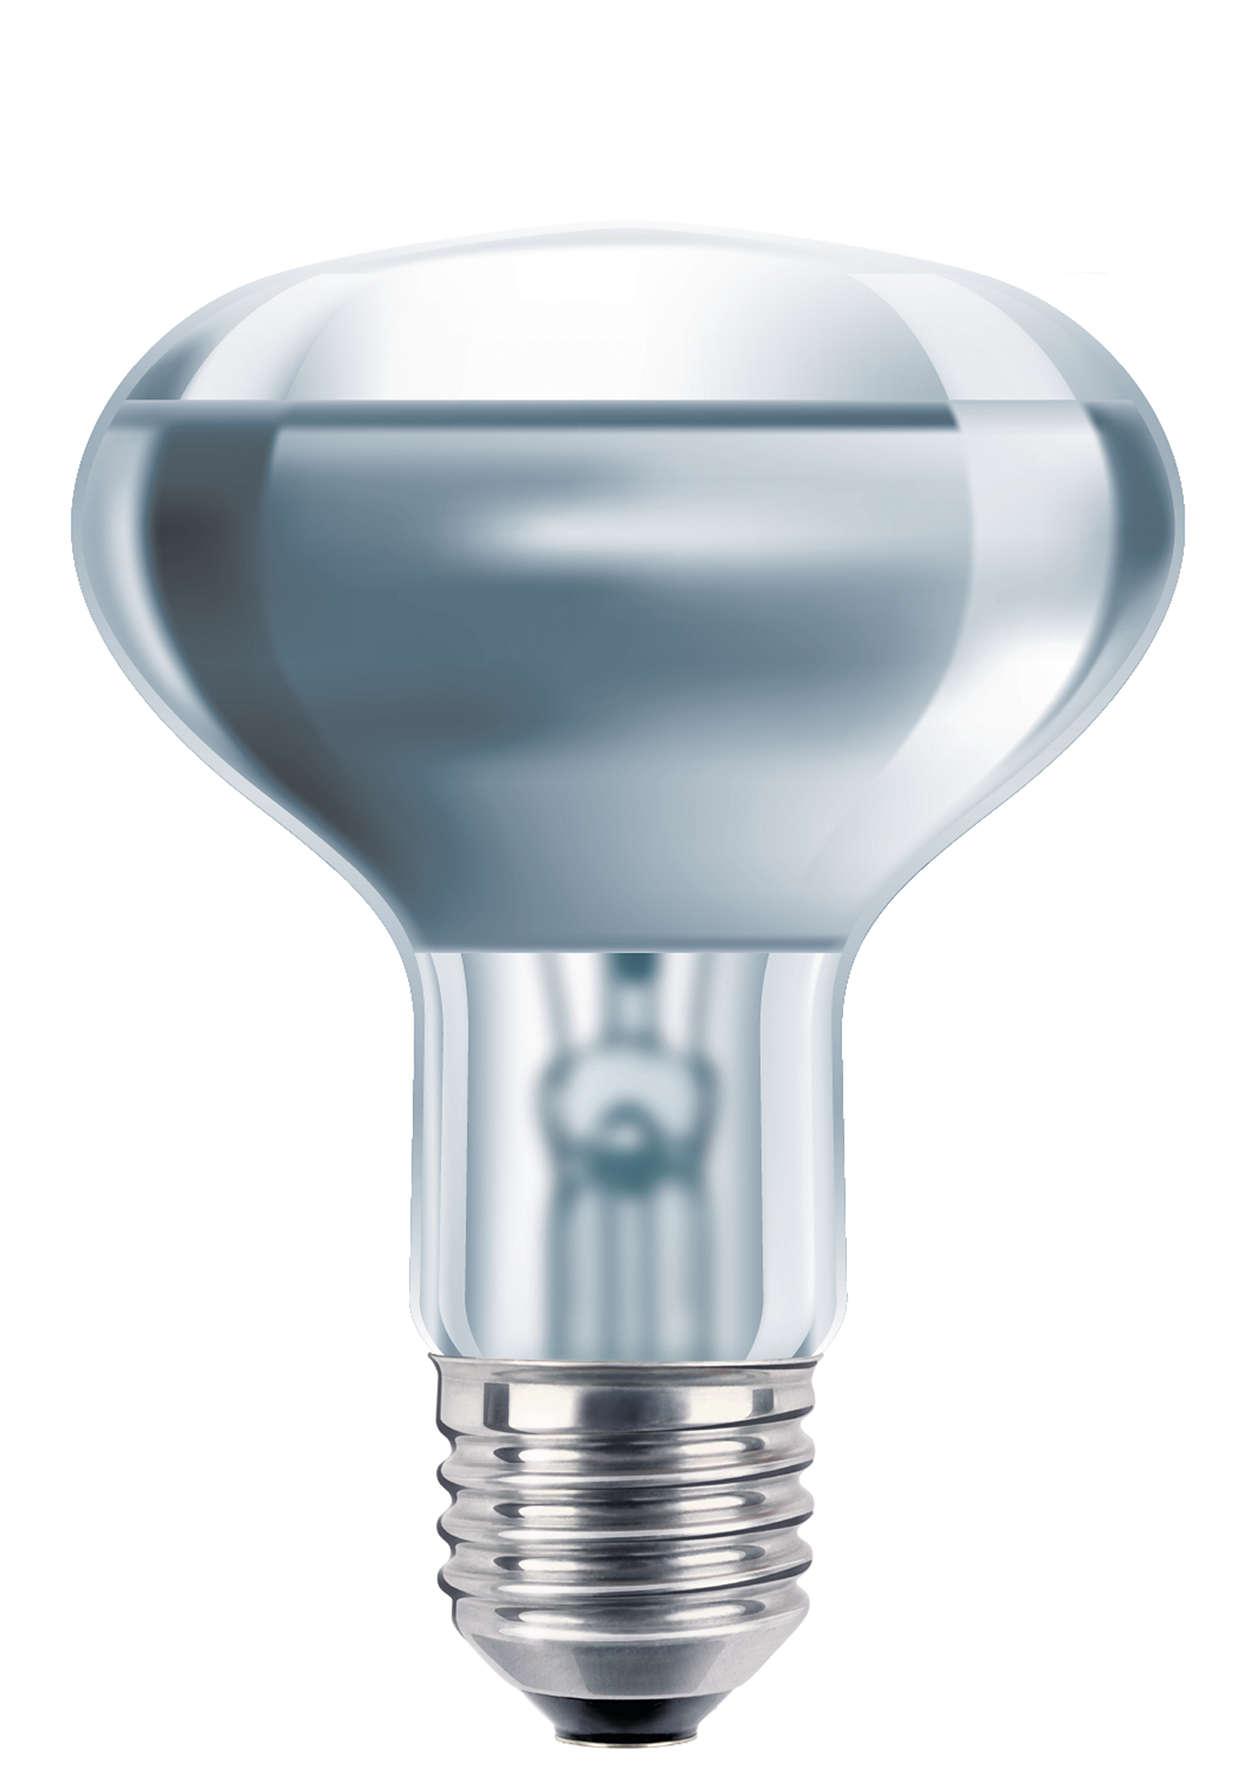 Färgad reflektorlampa med pressat glas